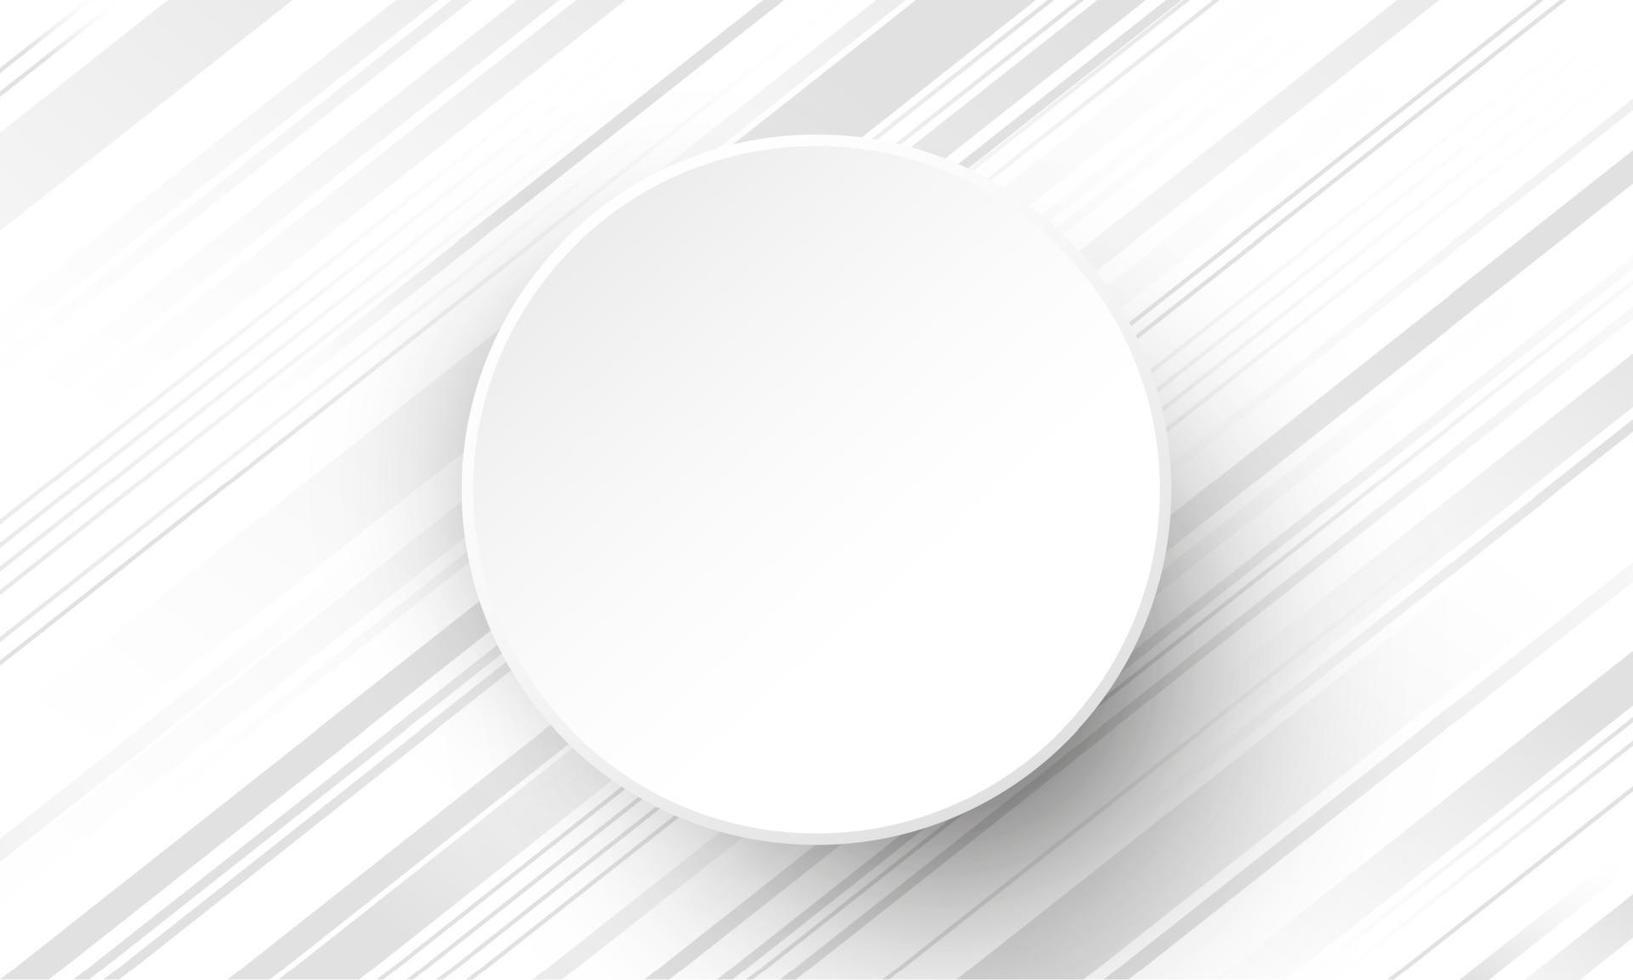 abstracte snelheid achtergrond met kopie ruimte vectorillustratie vector